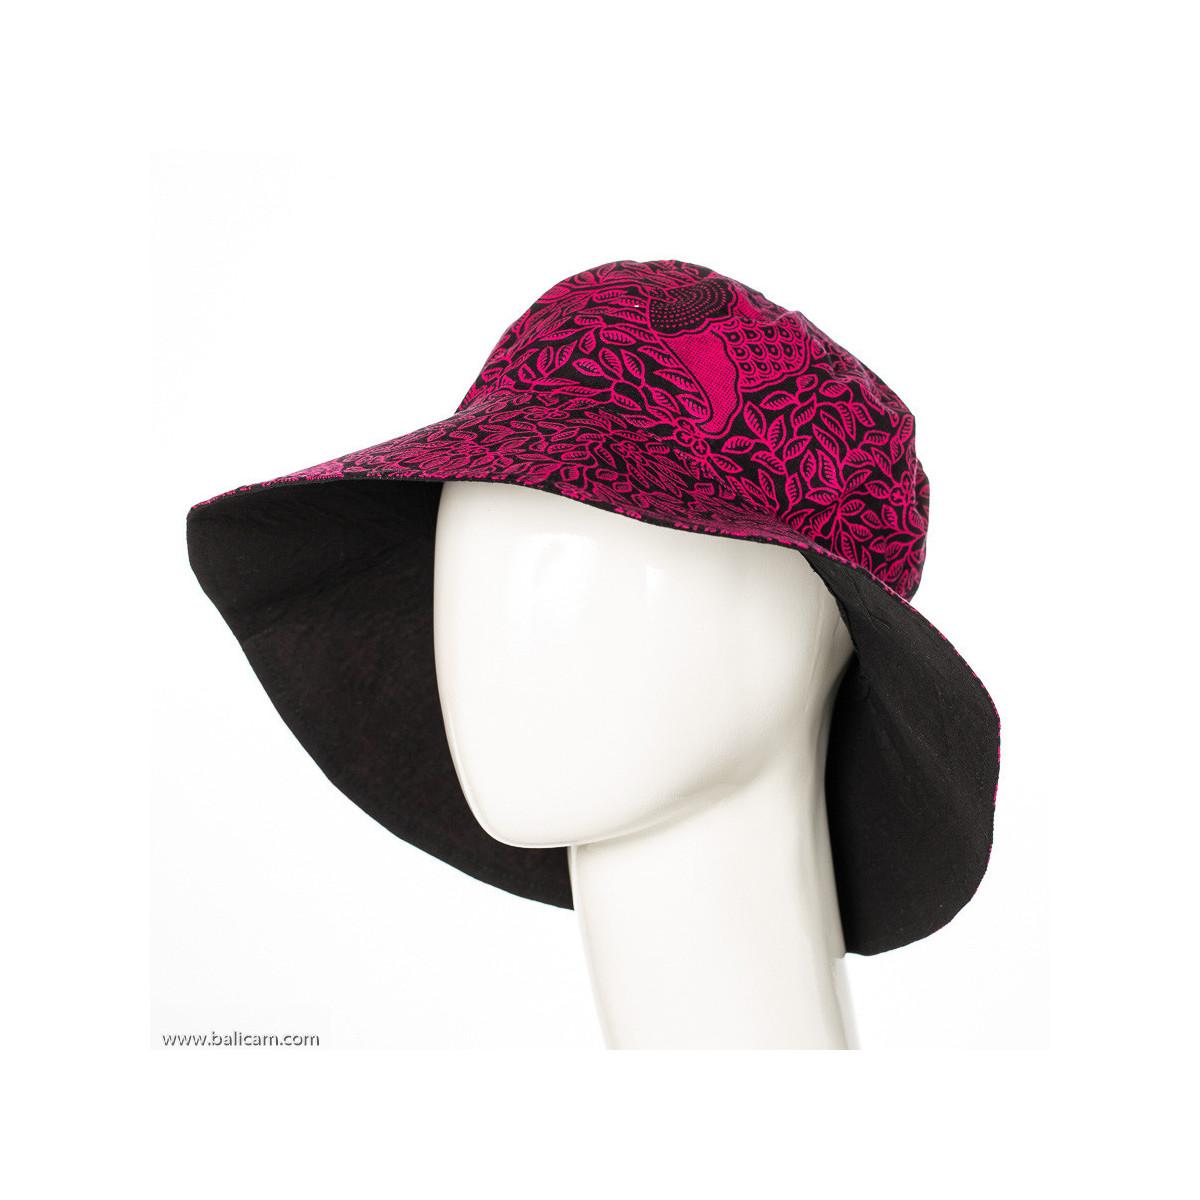 Chapeau coton adulte réversible noir et rose